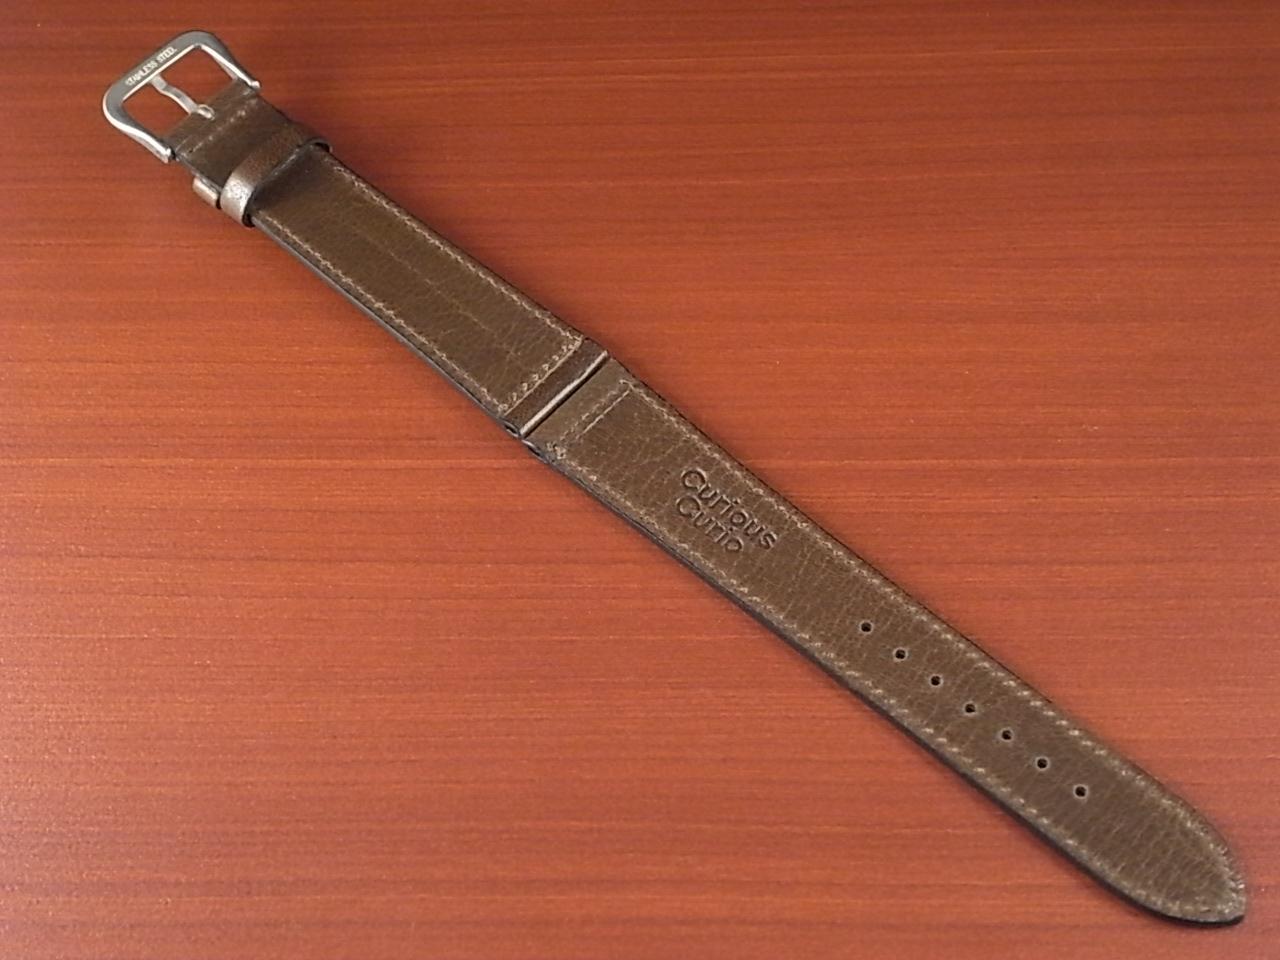 バッファロー 革ベルト グレイッシュブラウン 16mm オリジナル CBB-001aの写真2枚目